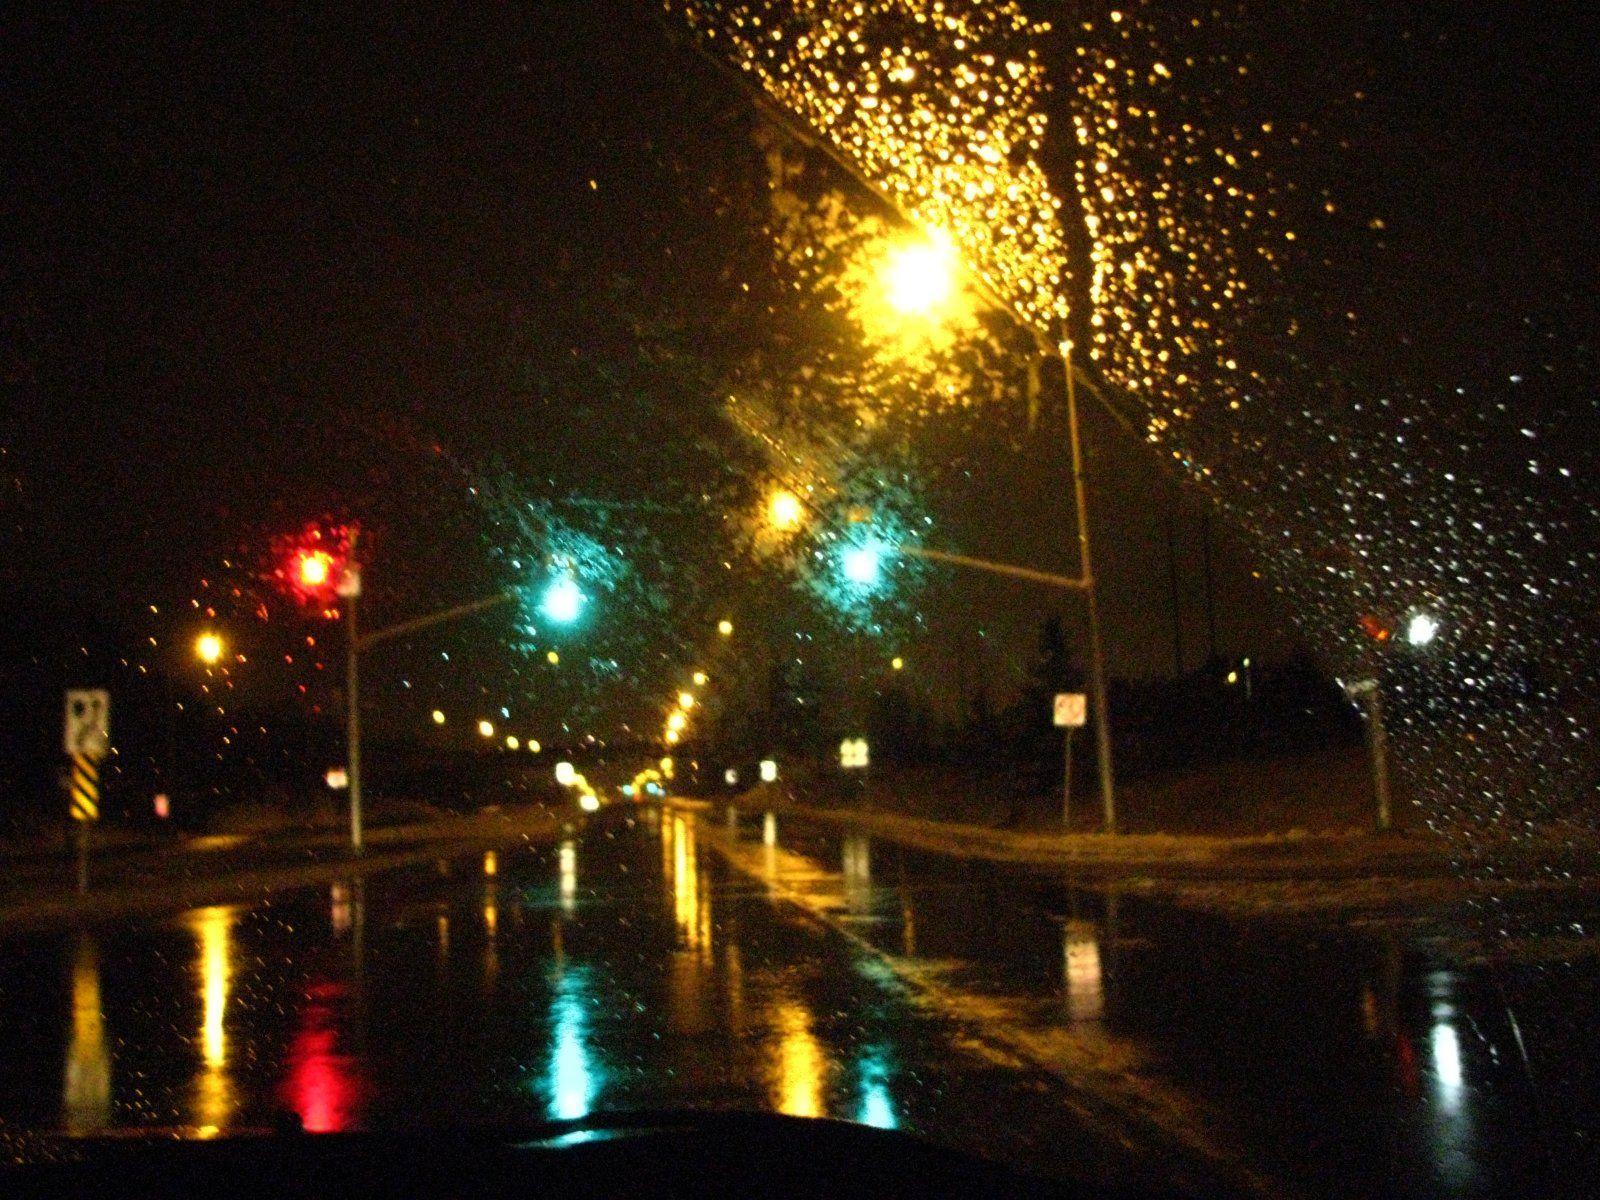 Resultado de imagem para дорога дождь | RAIN | Pinterest | Street ... for Traffic Light On Road At Night  111ane